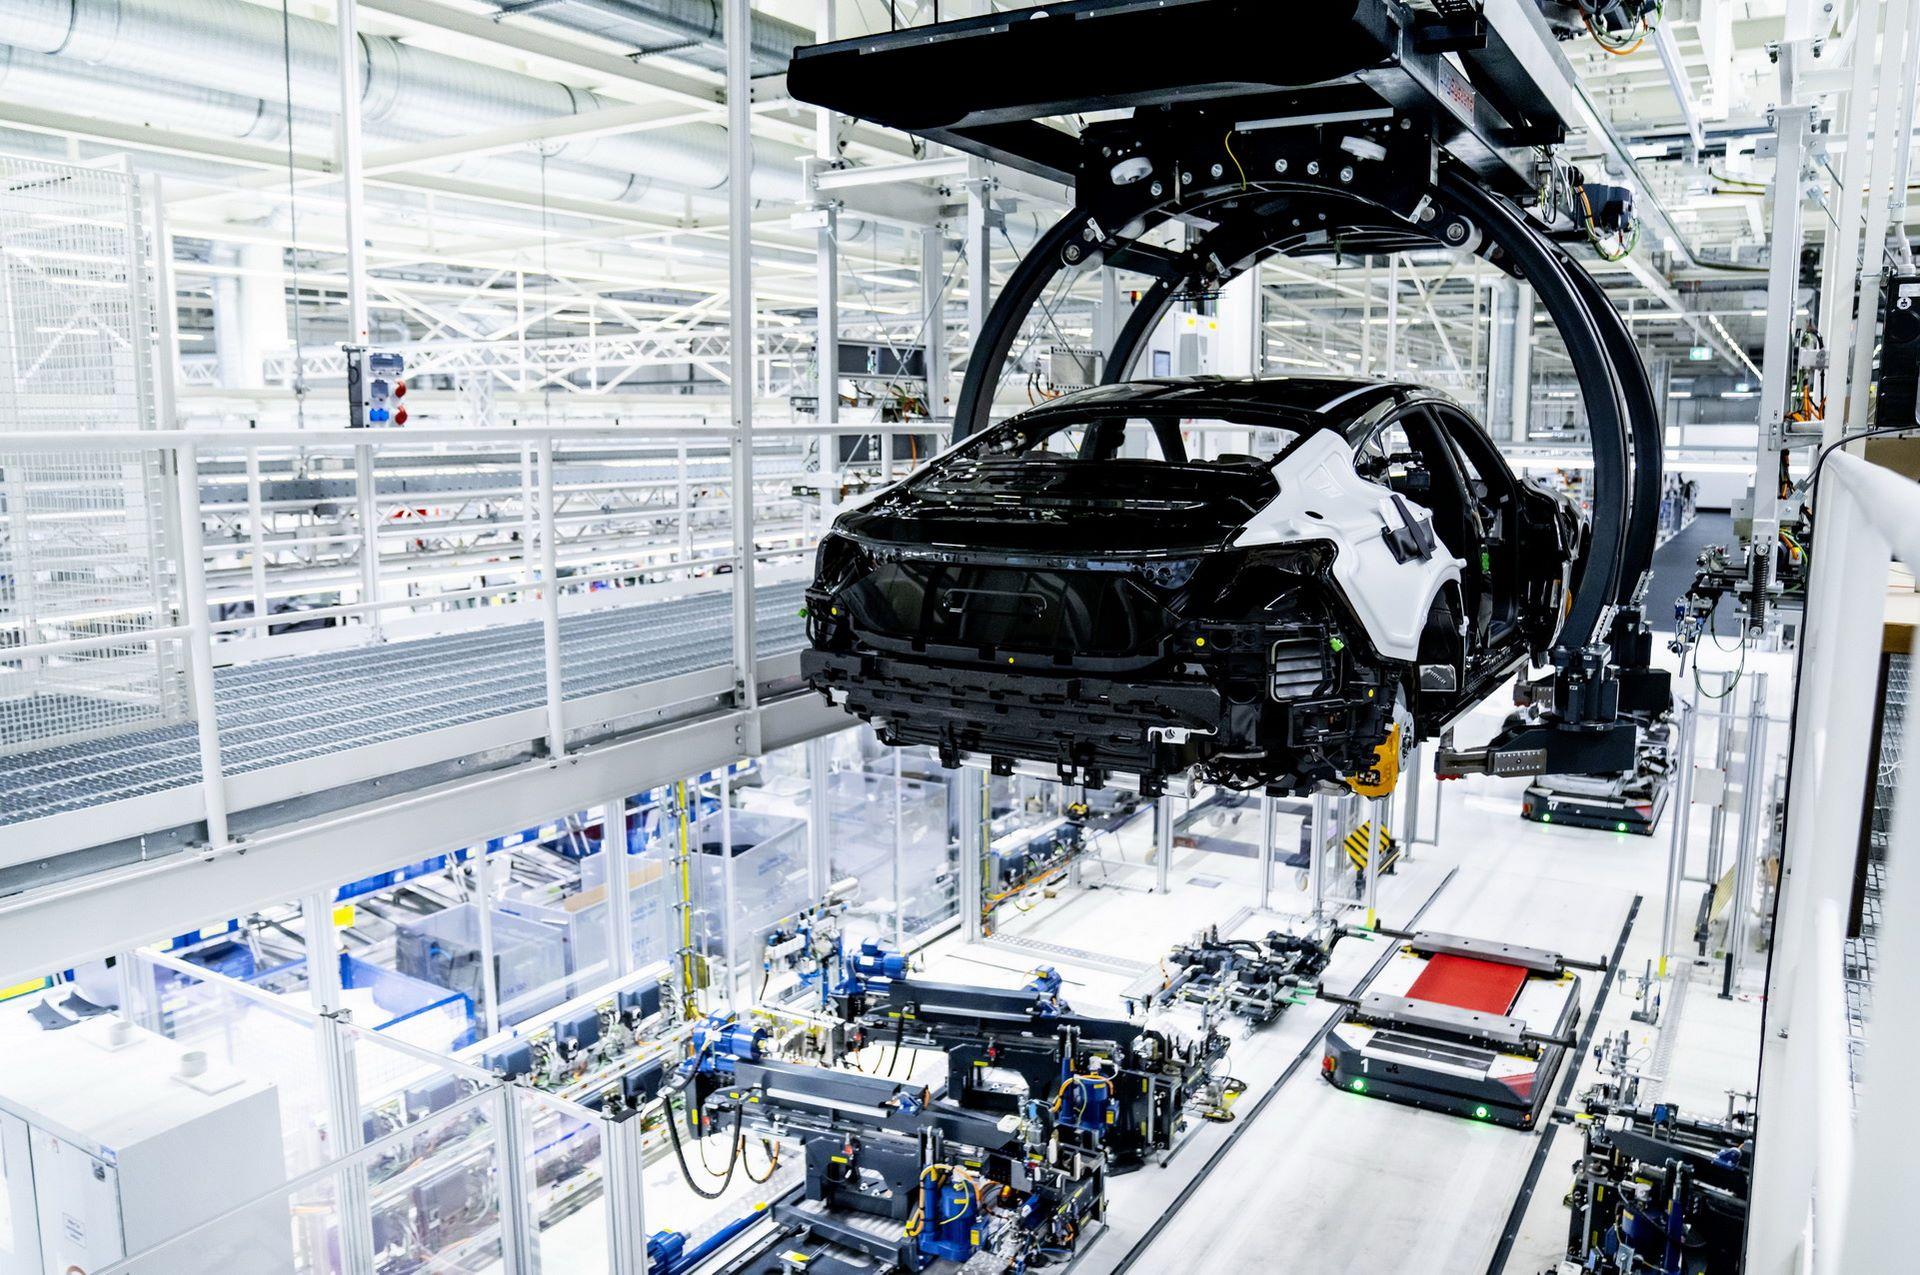 2022-Audi-e-tron-GT-plant-3